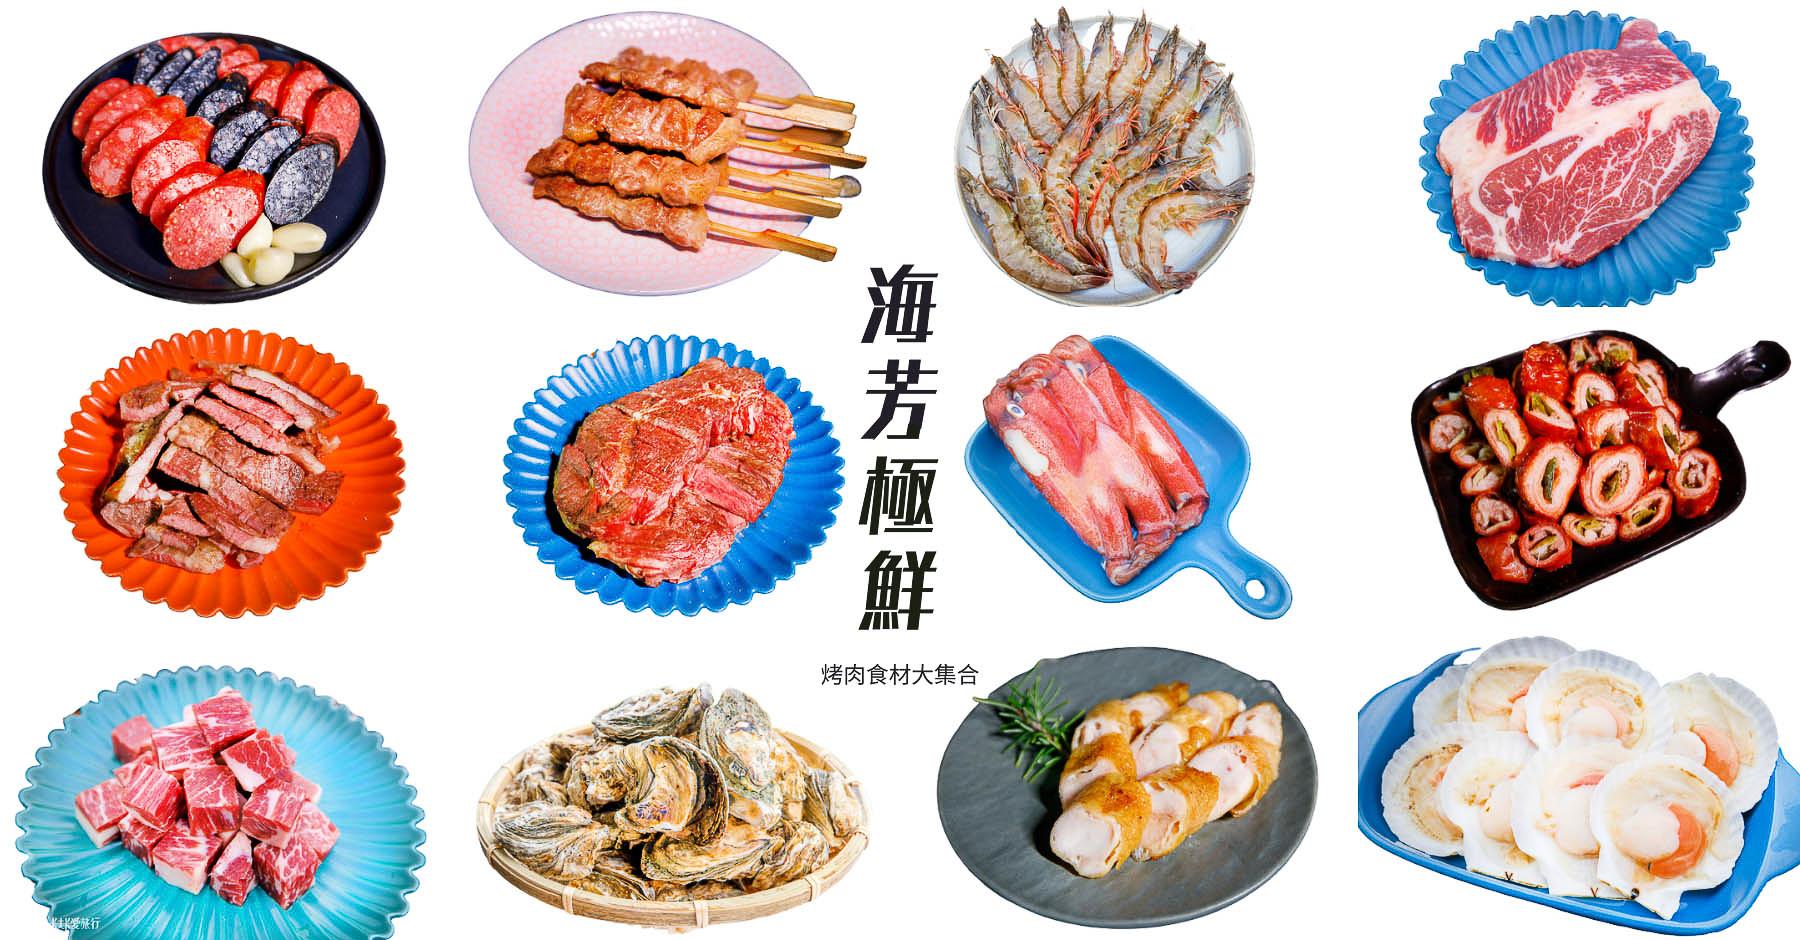 烤肉食材大集合|海芳極鮮|五星級飯店才吃的到的高品質帝王蟹宜蘭海鮮肉品團購推薦民宿烤肉